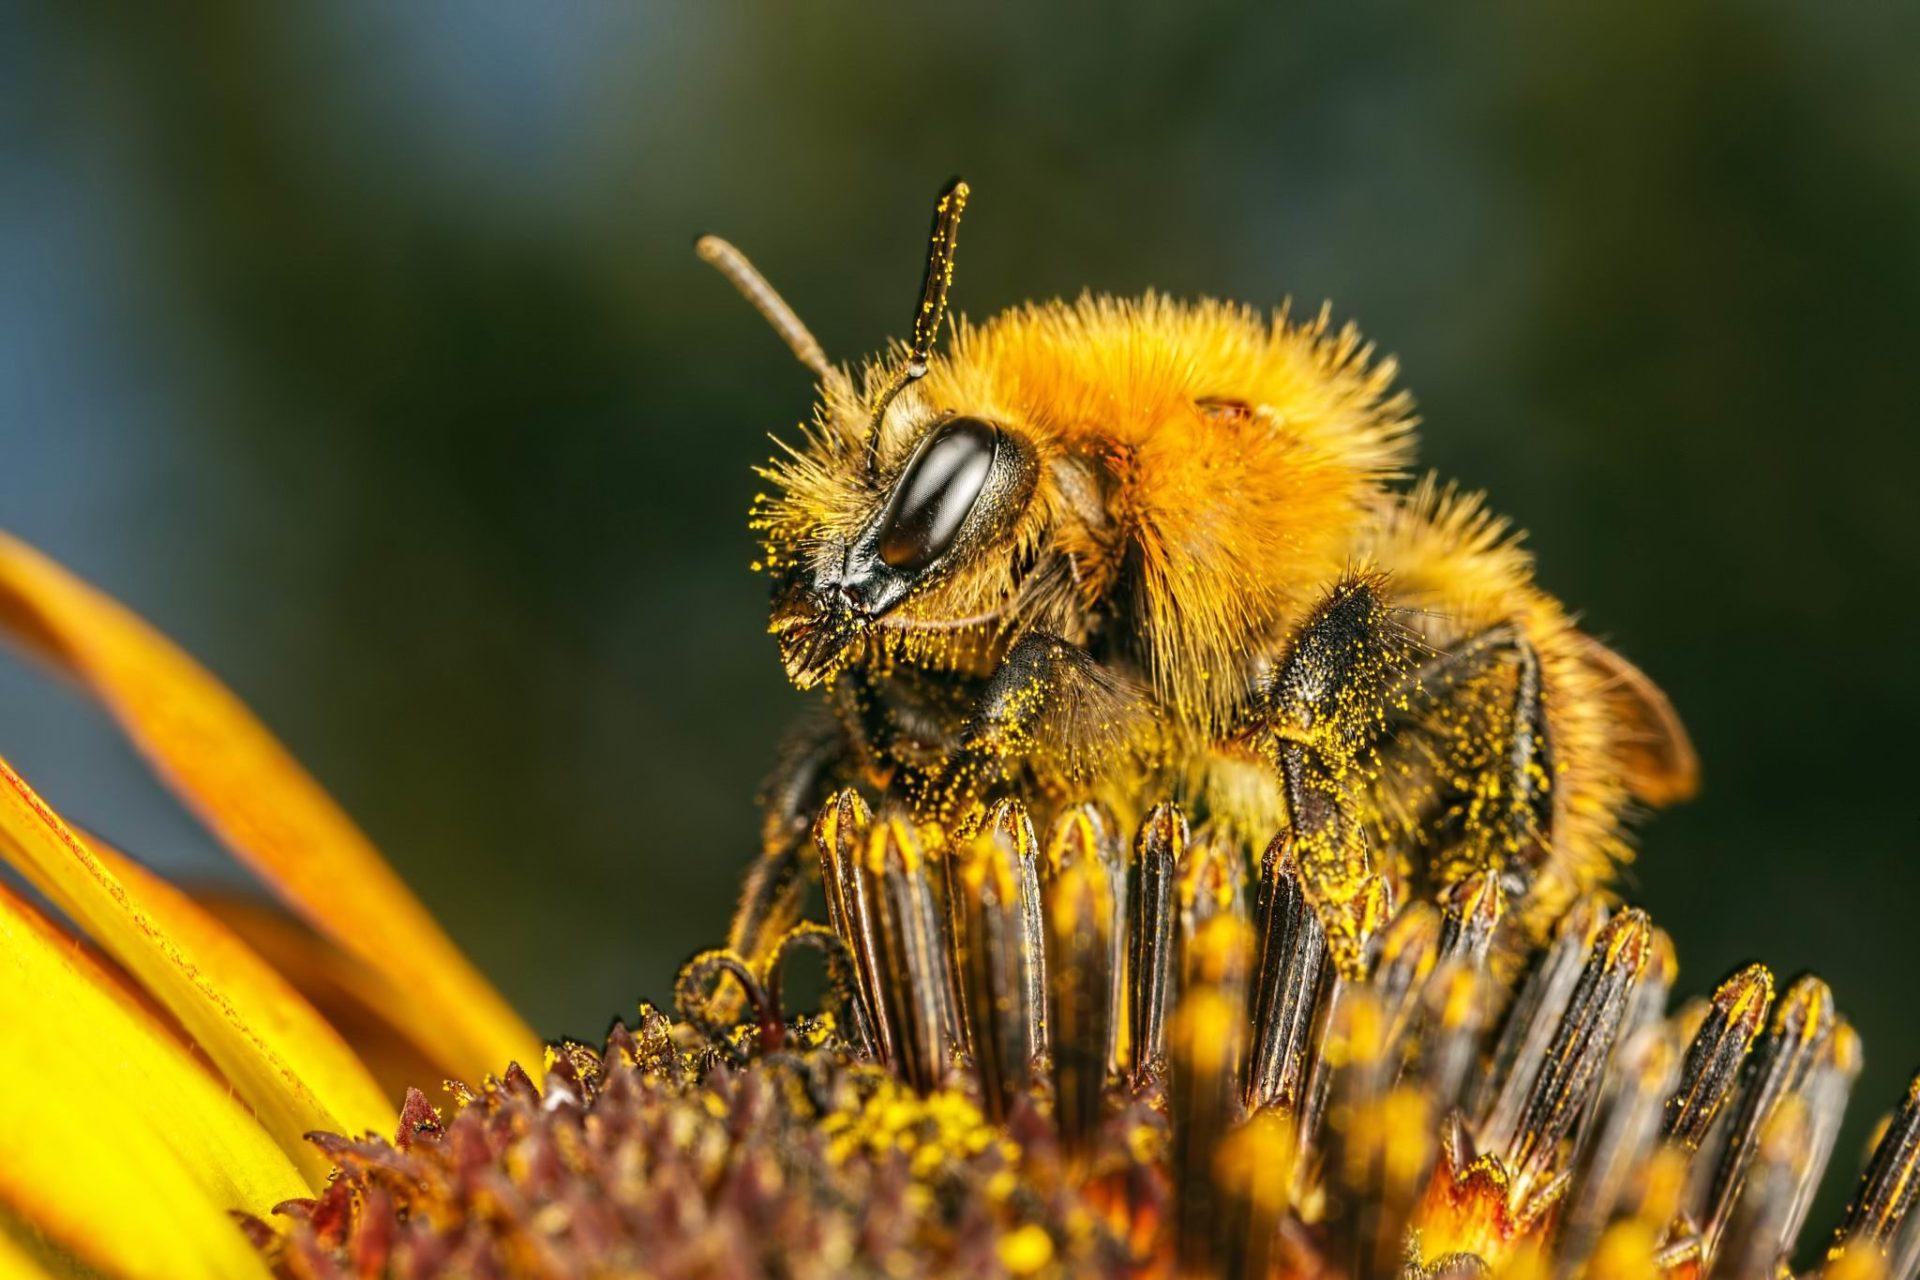 Цветы выделяют больше аромата после посещения пчел